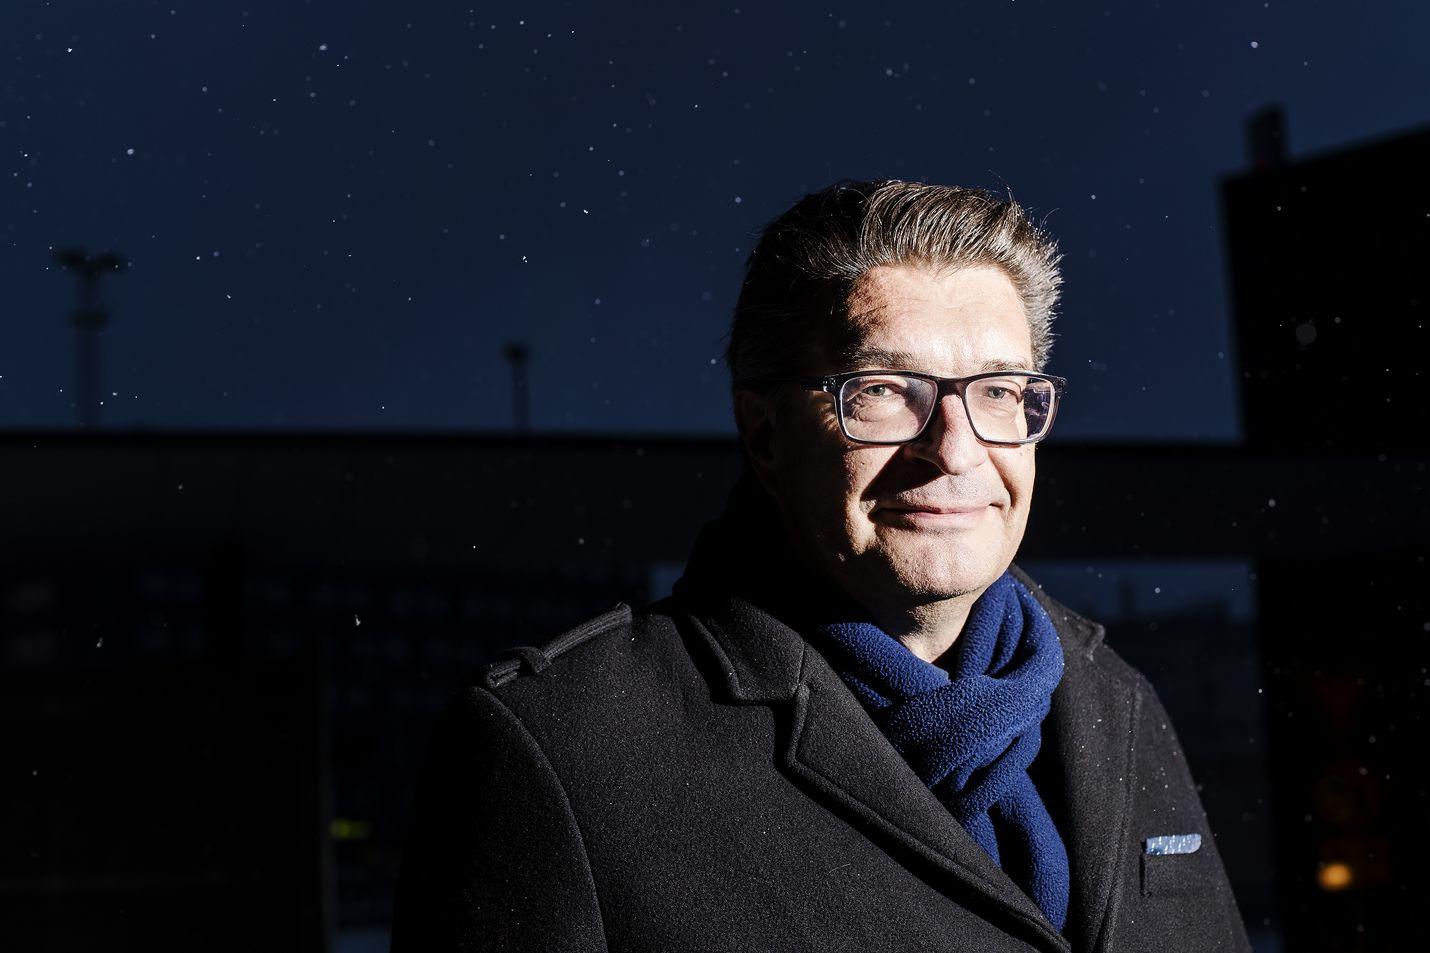 Ammattiliitto Pron puheenjohtaja Jorma Malinen sanoo, että sen finnairilaisia koskeva säästösopimus on kyllä kirjoitettu, mutta ammattiliitto ei ole sitä vielä allekirjoittanut.